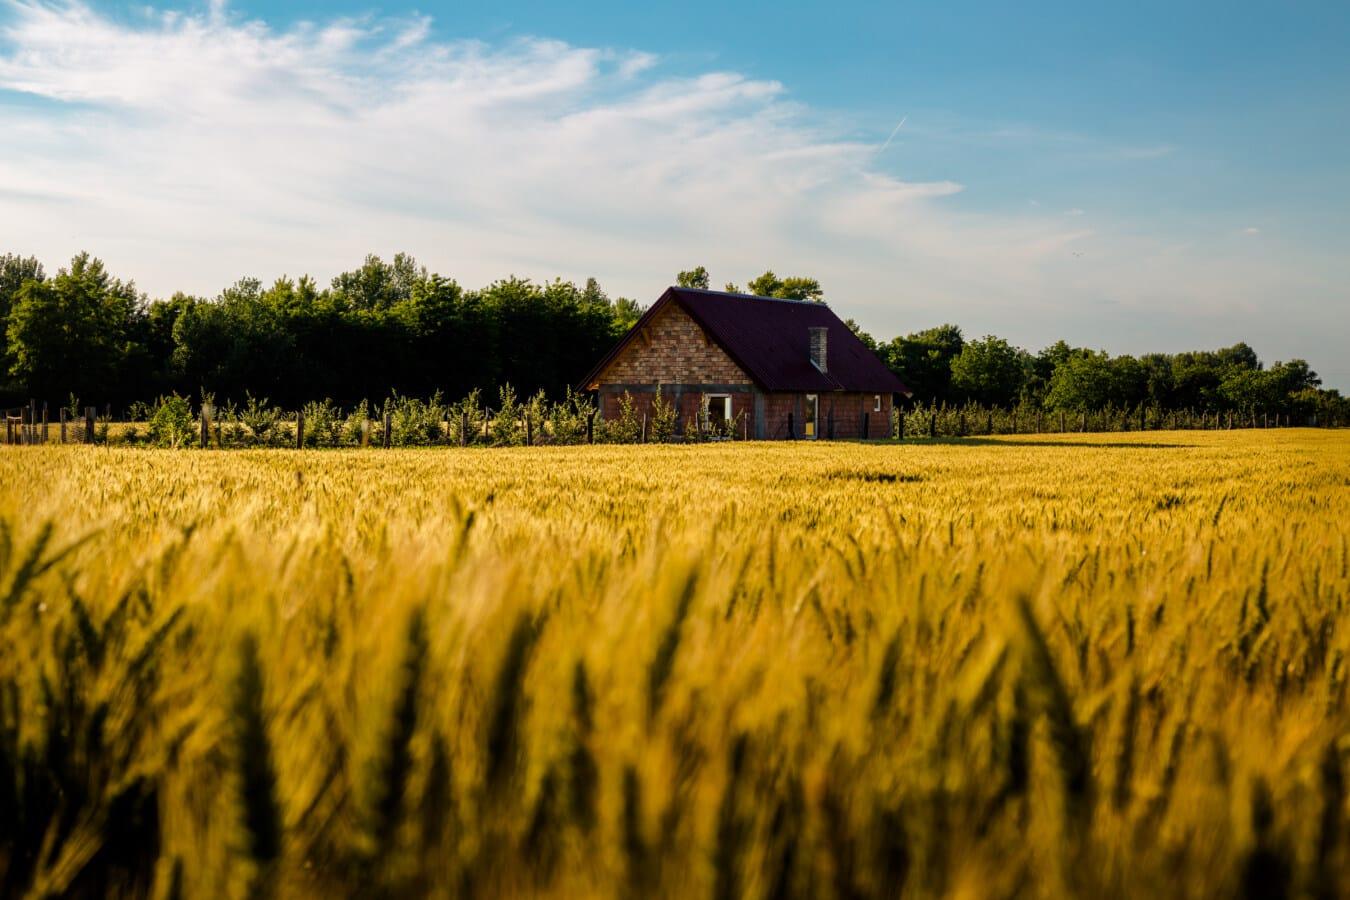 landbouwgrond, boerderij, boerderij, landbouw, landbouw, Korenveld, idyllische, landschap, majestueus, platteland